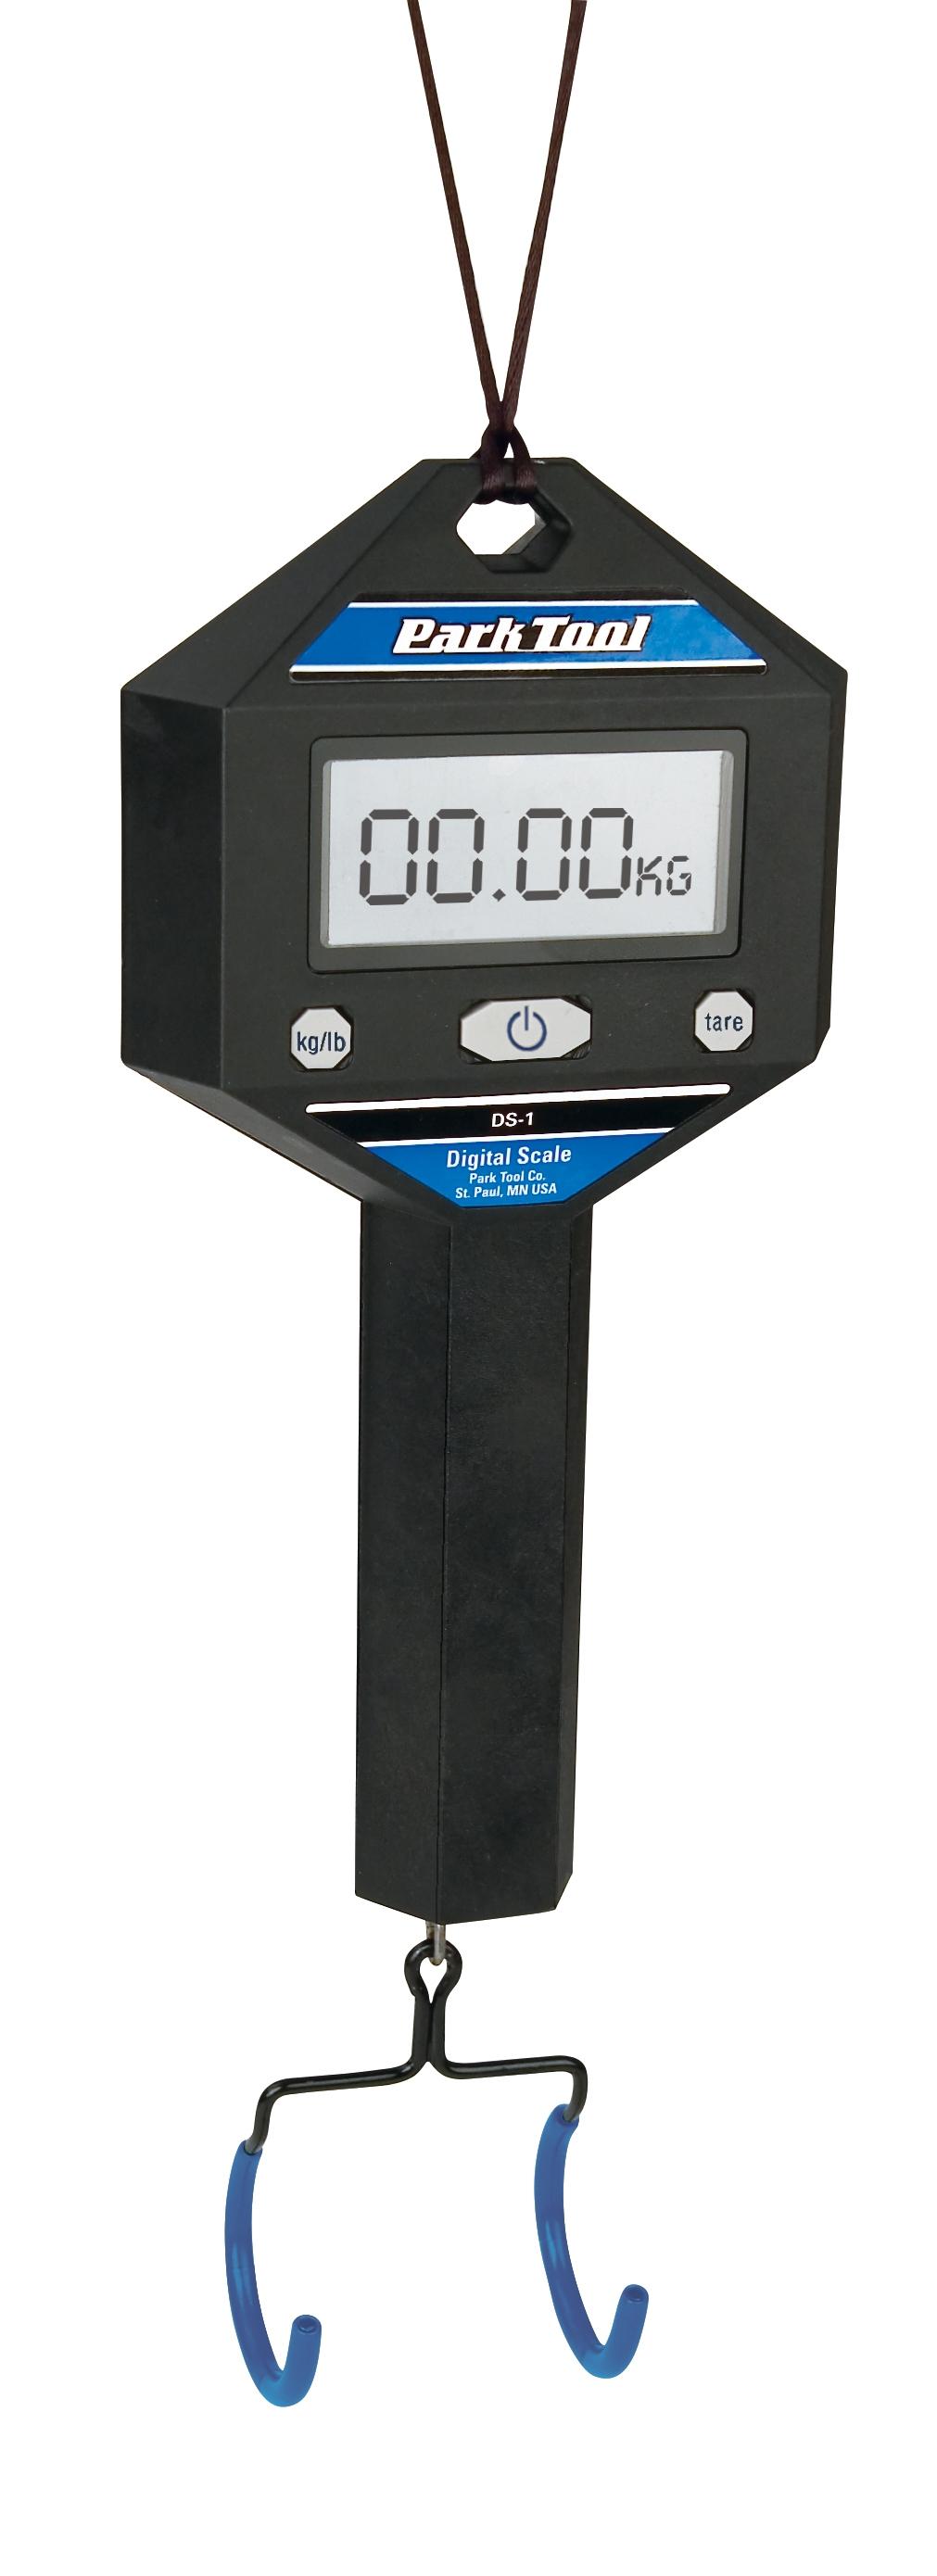 Park Tool Digital vægt | item_misc